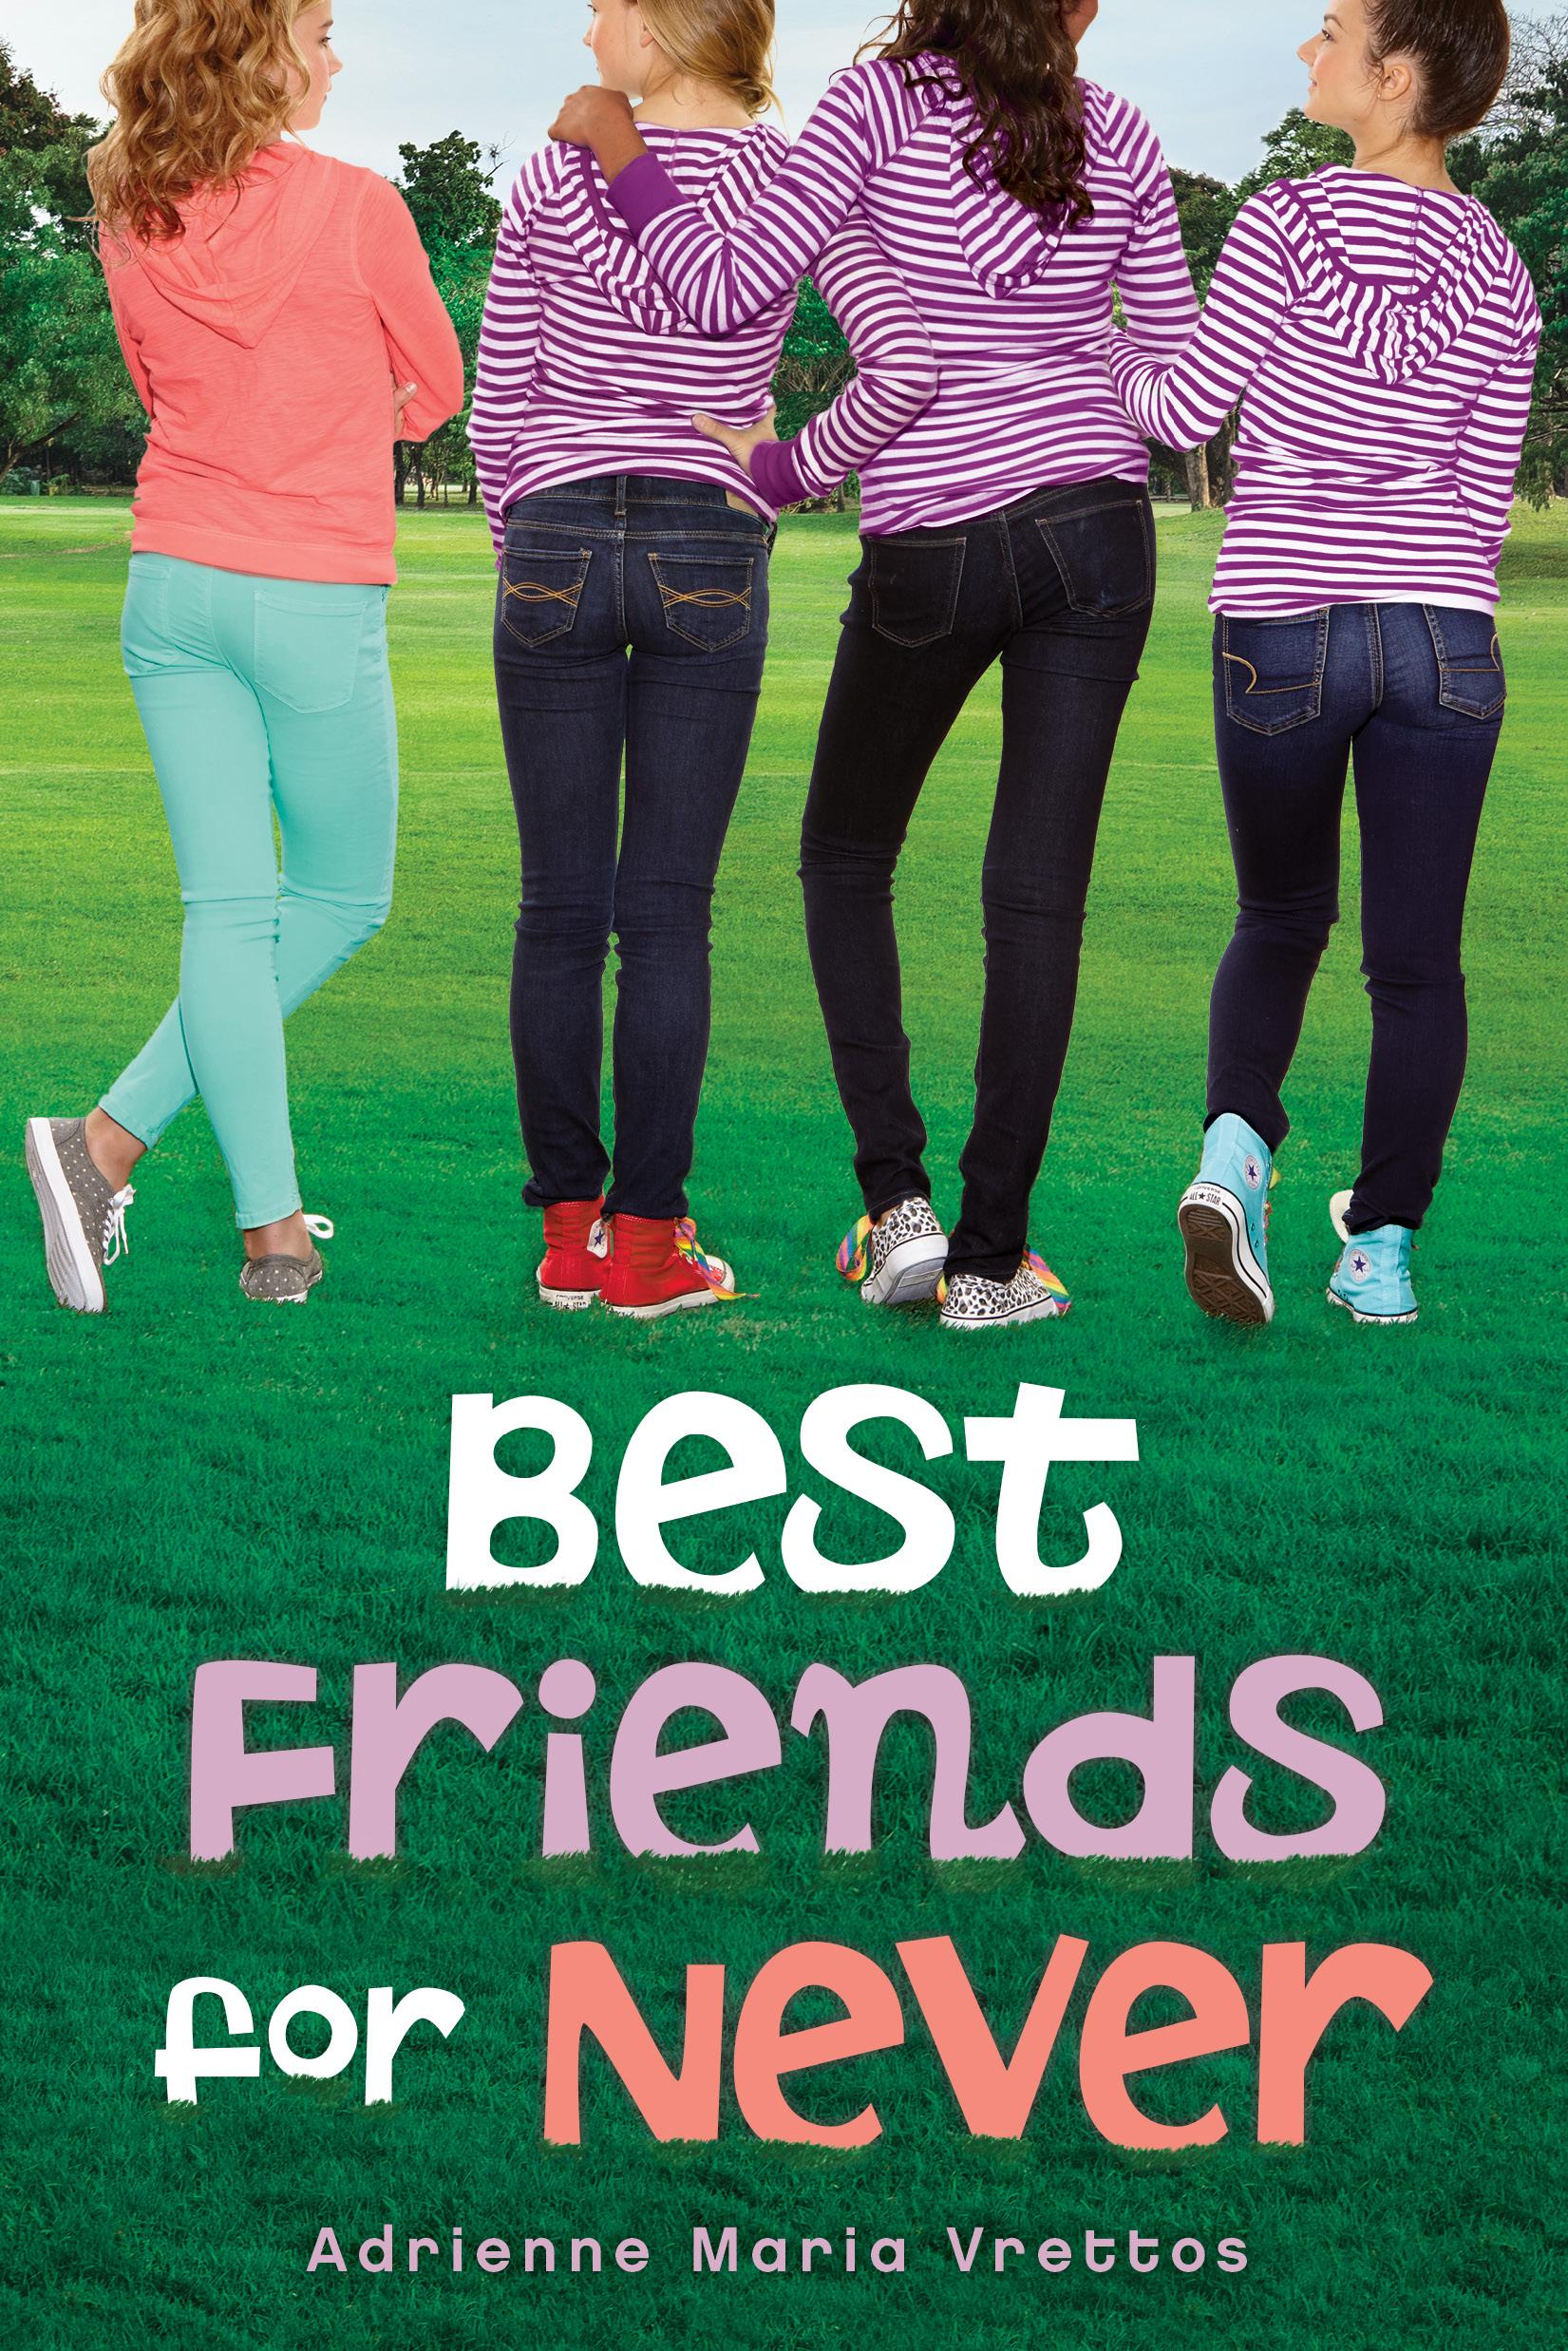 n2808_bestfriendsf_4cc.jpg